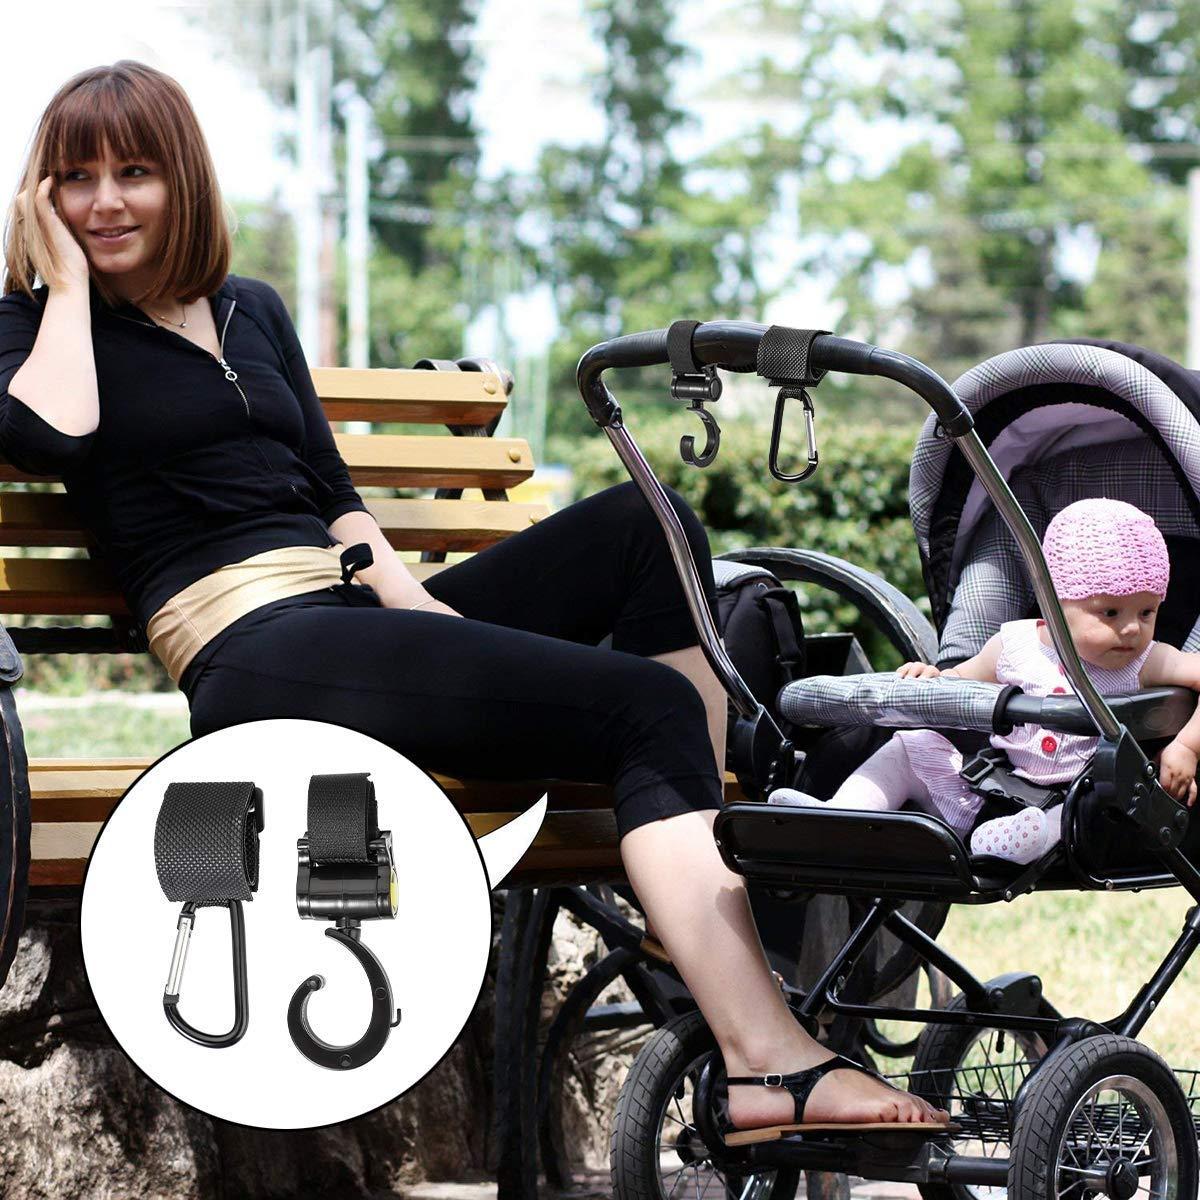 4 St/ückKinderwagen-haken buggy-haken Taschenhaken Befestigen Sie Ihre Einkaufst/üten Taschen sicher am Kinderwagen Universale Passform